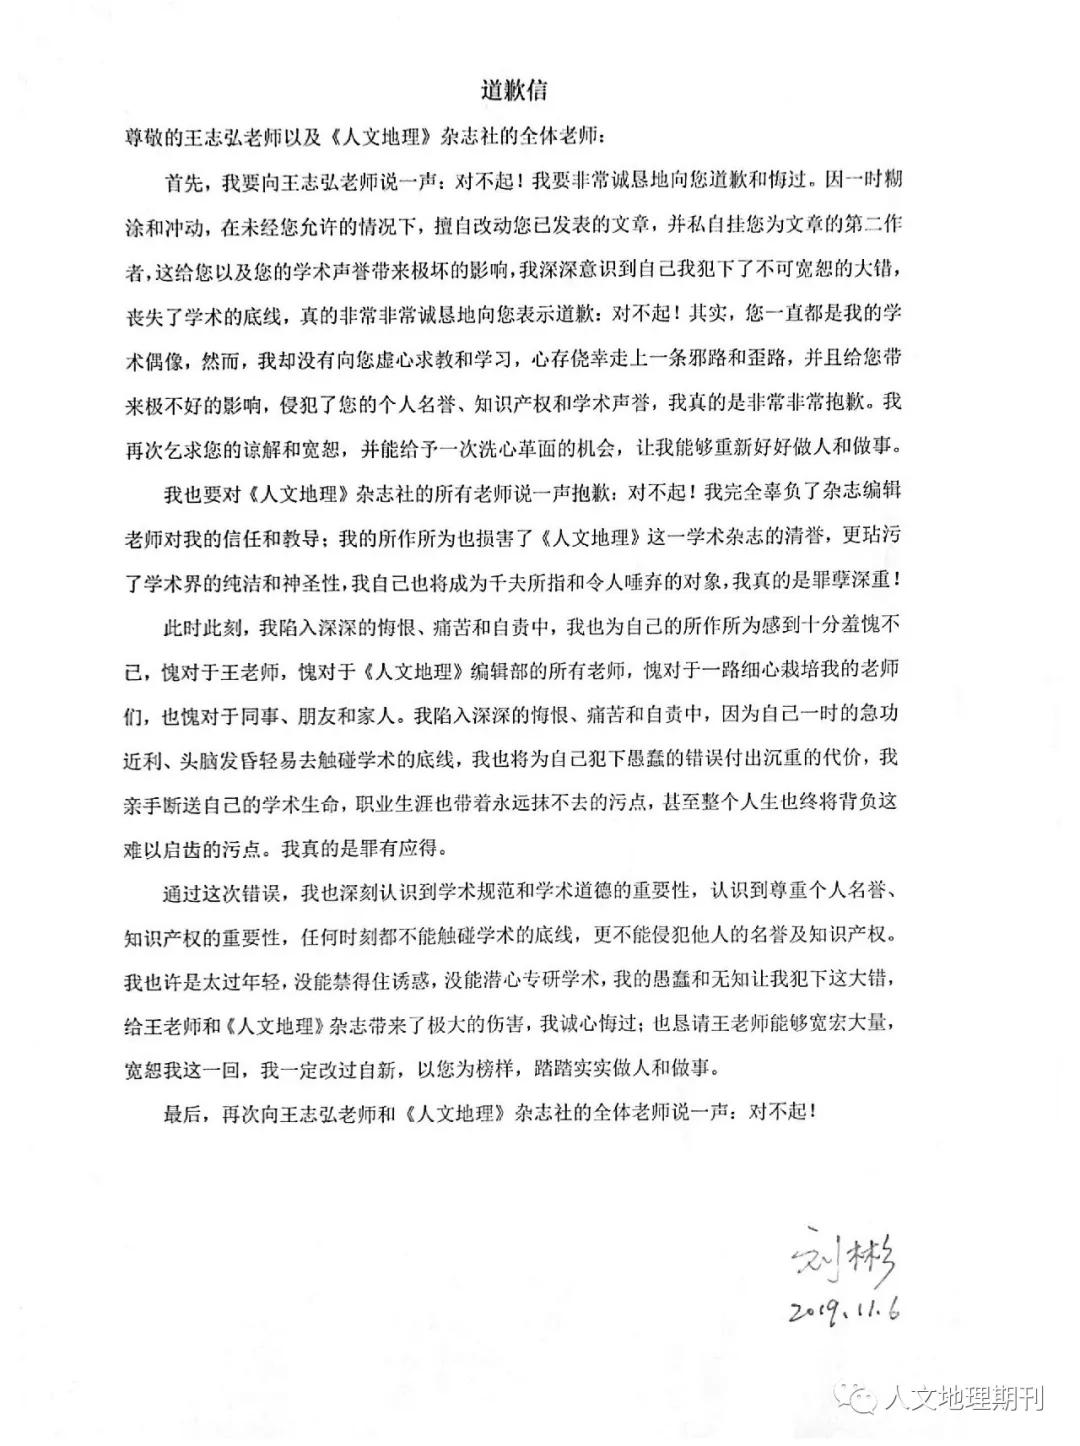 刘彬签名的道歉信。